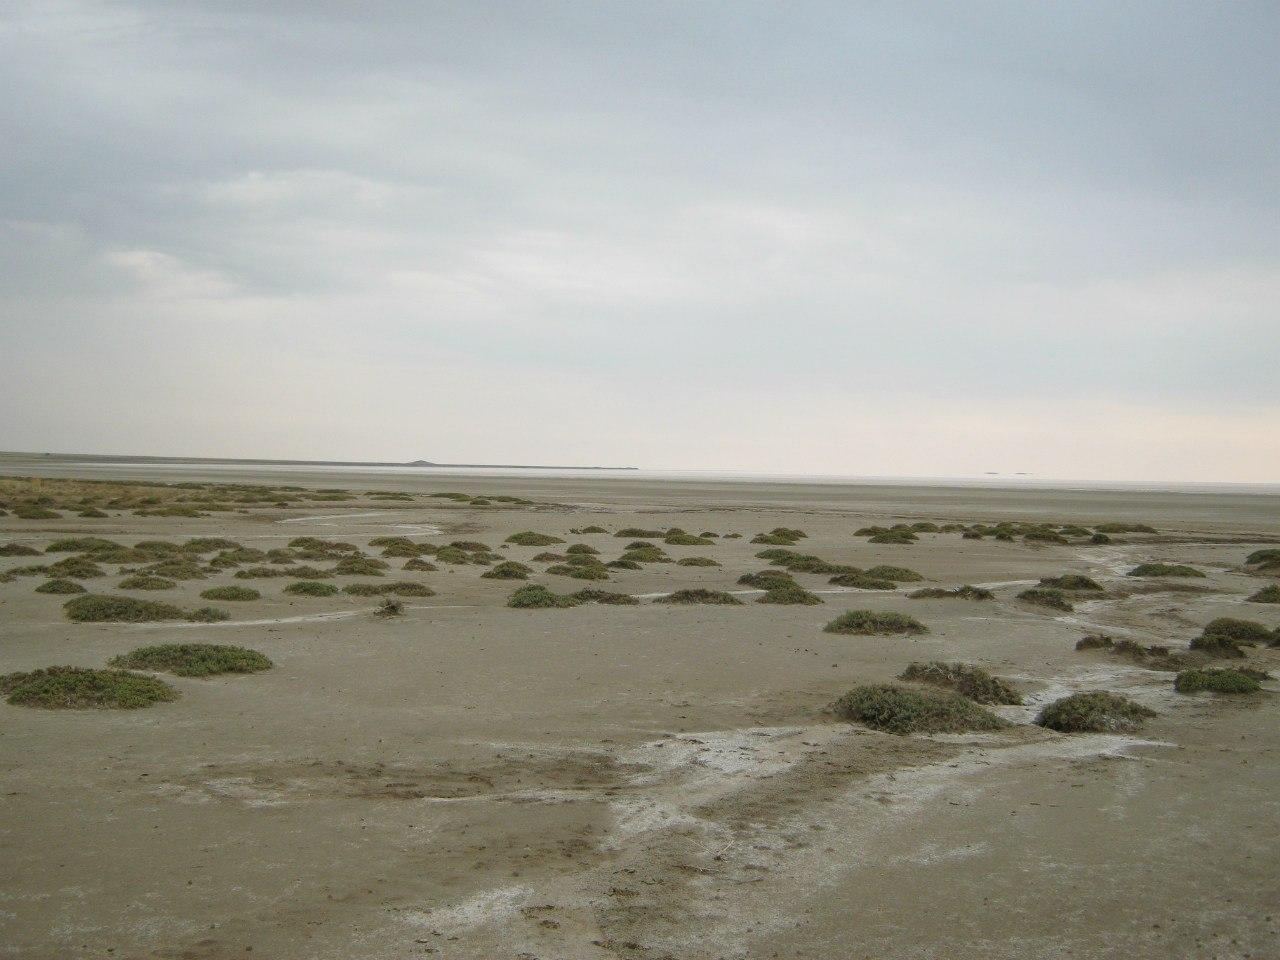 достичь солёного озера Тузгёль